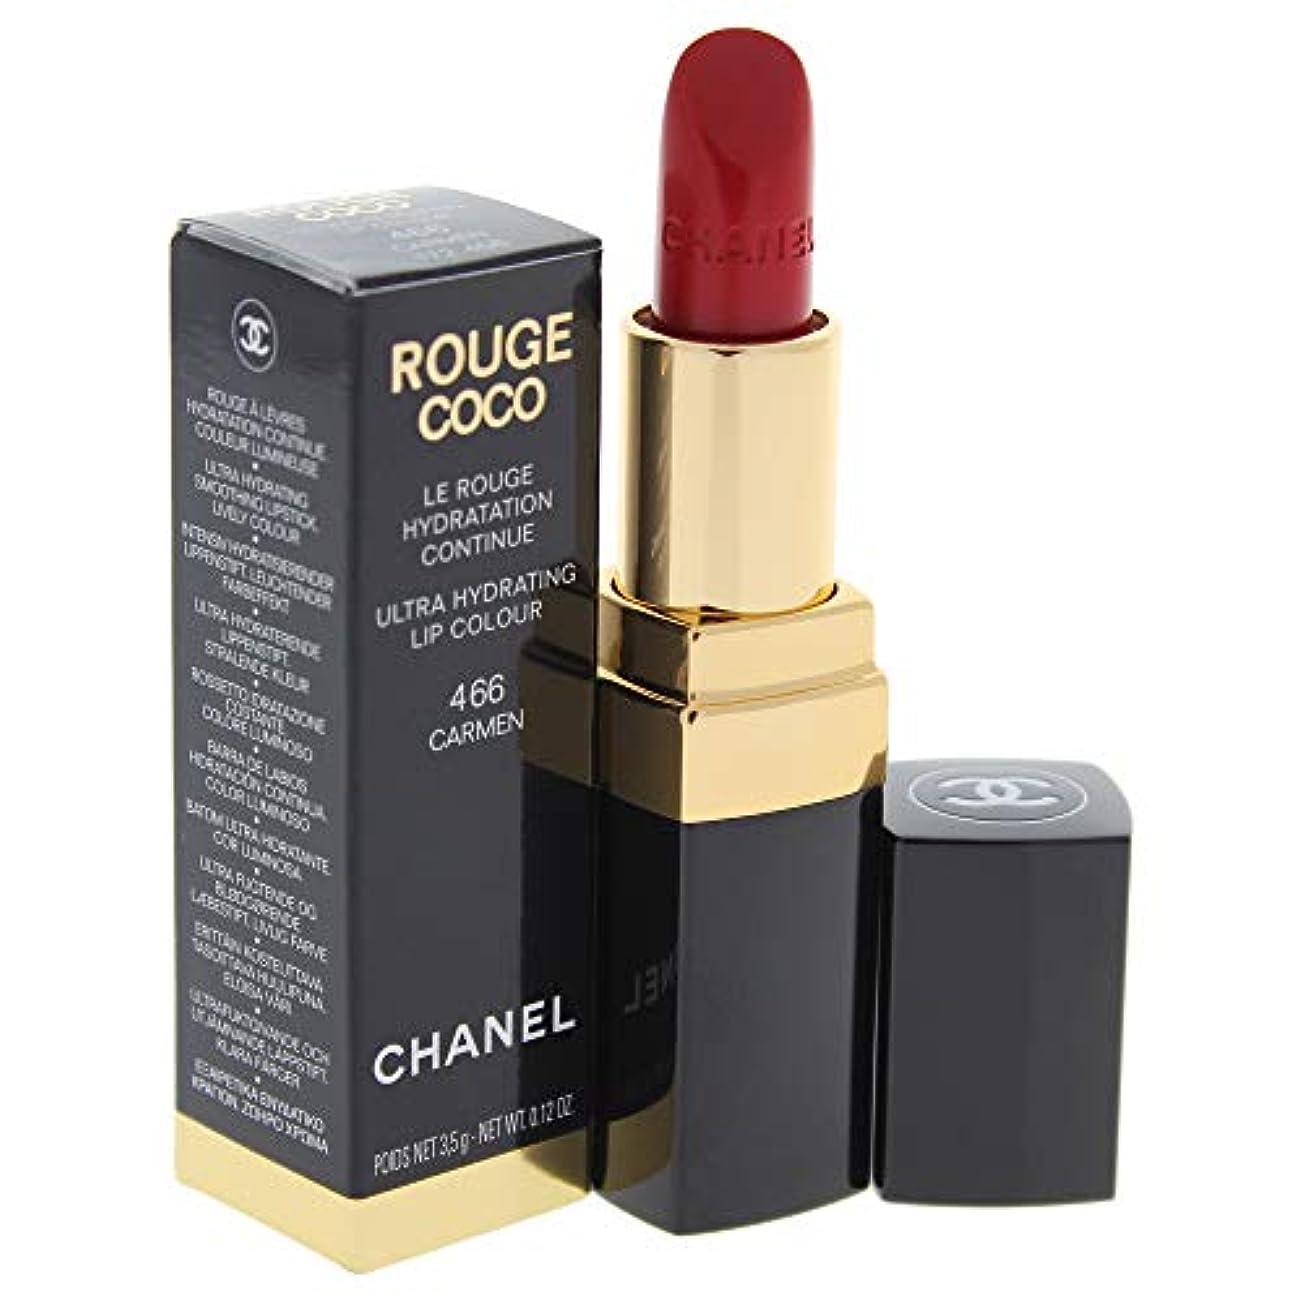 忠実固める高度なシャネル Rouge Coco Ultra Hydrating Lip Colour - # 466 Carmen 3.5g/0.12oz並行輸入品